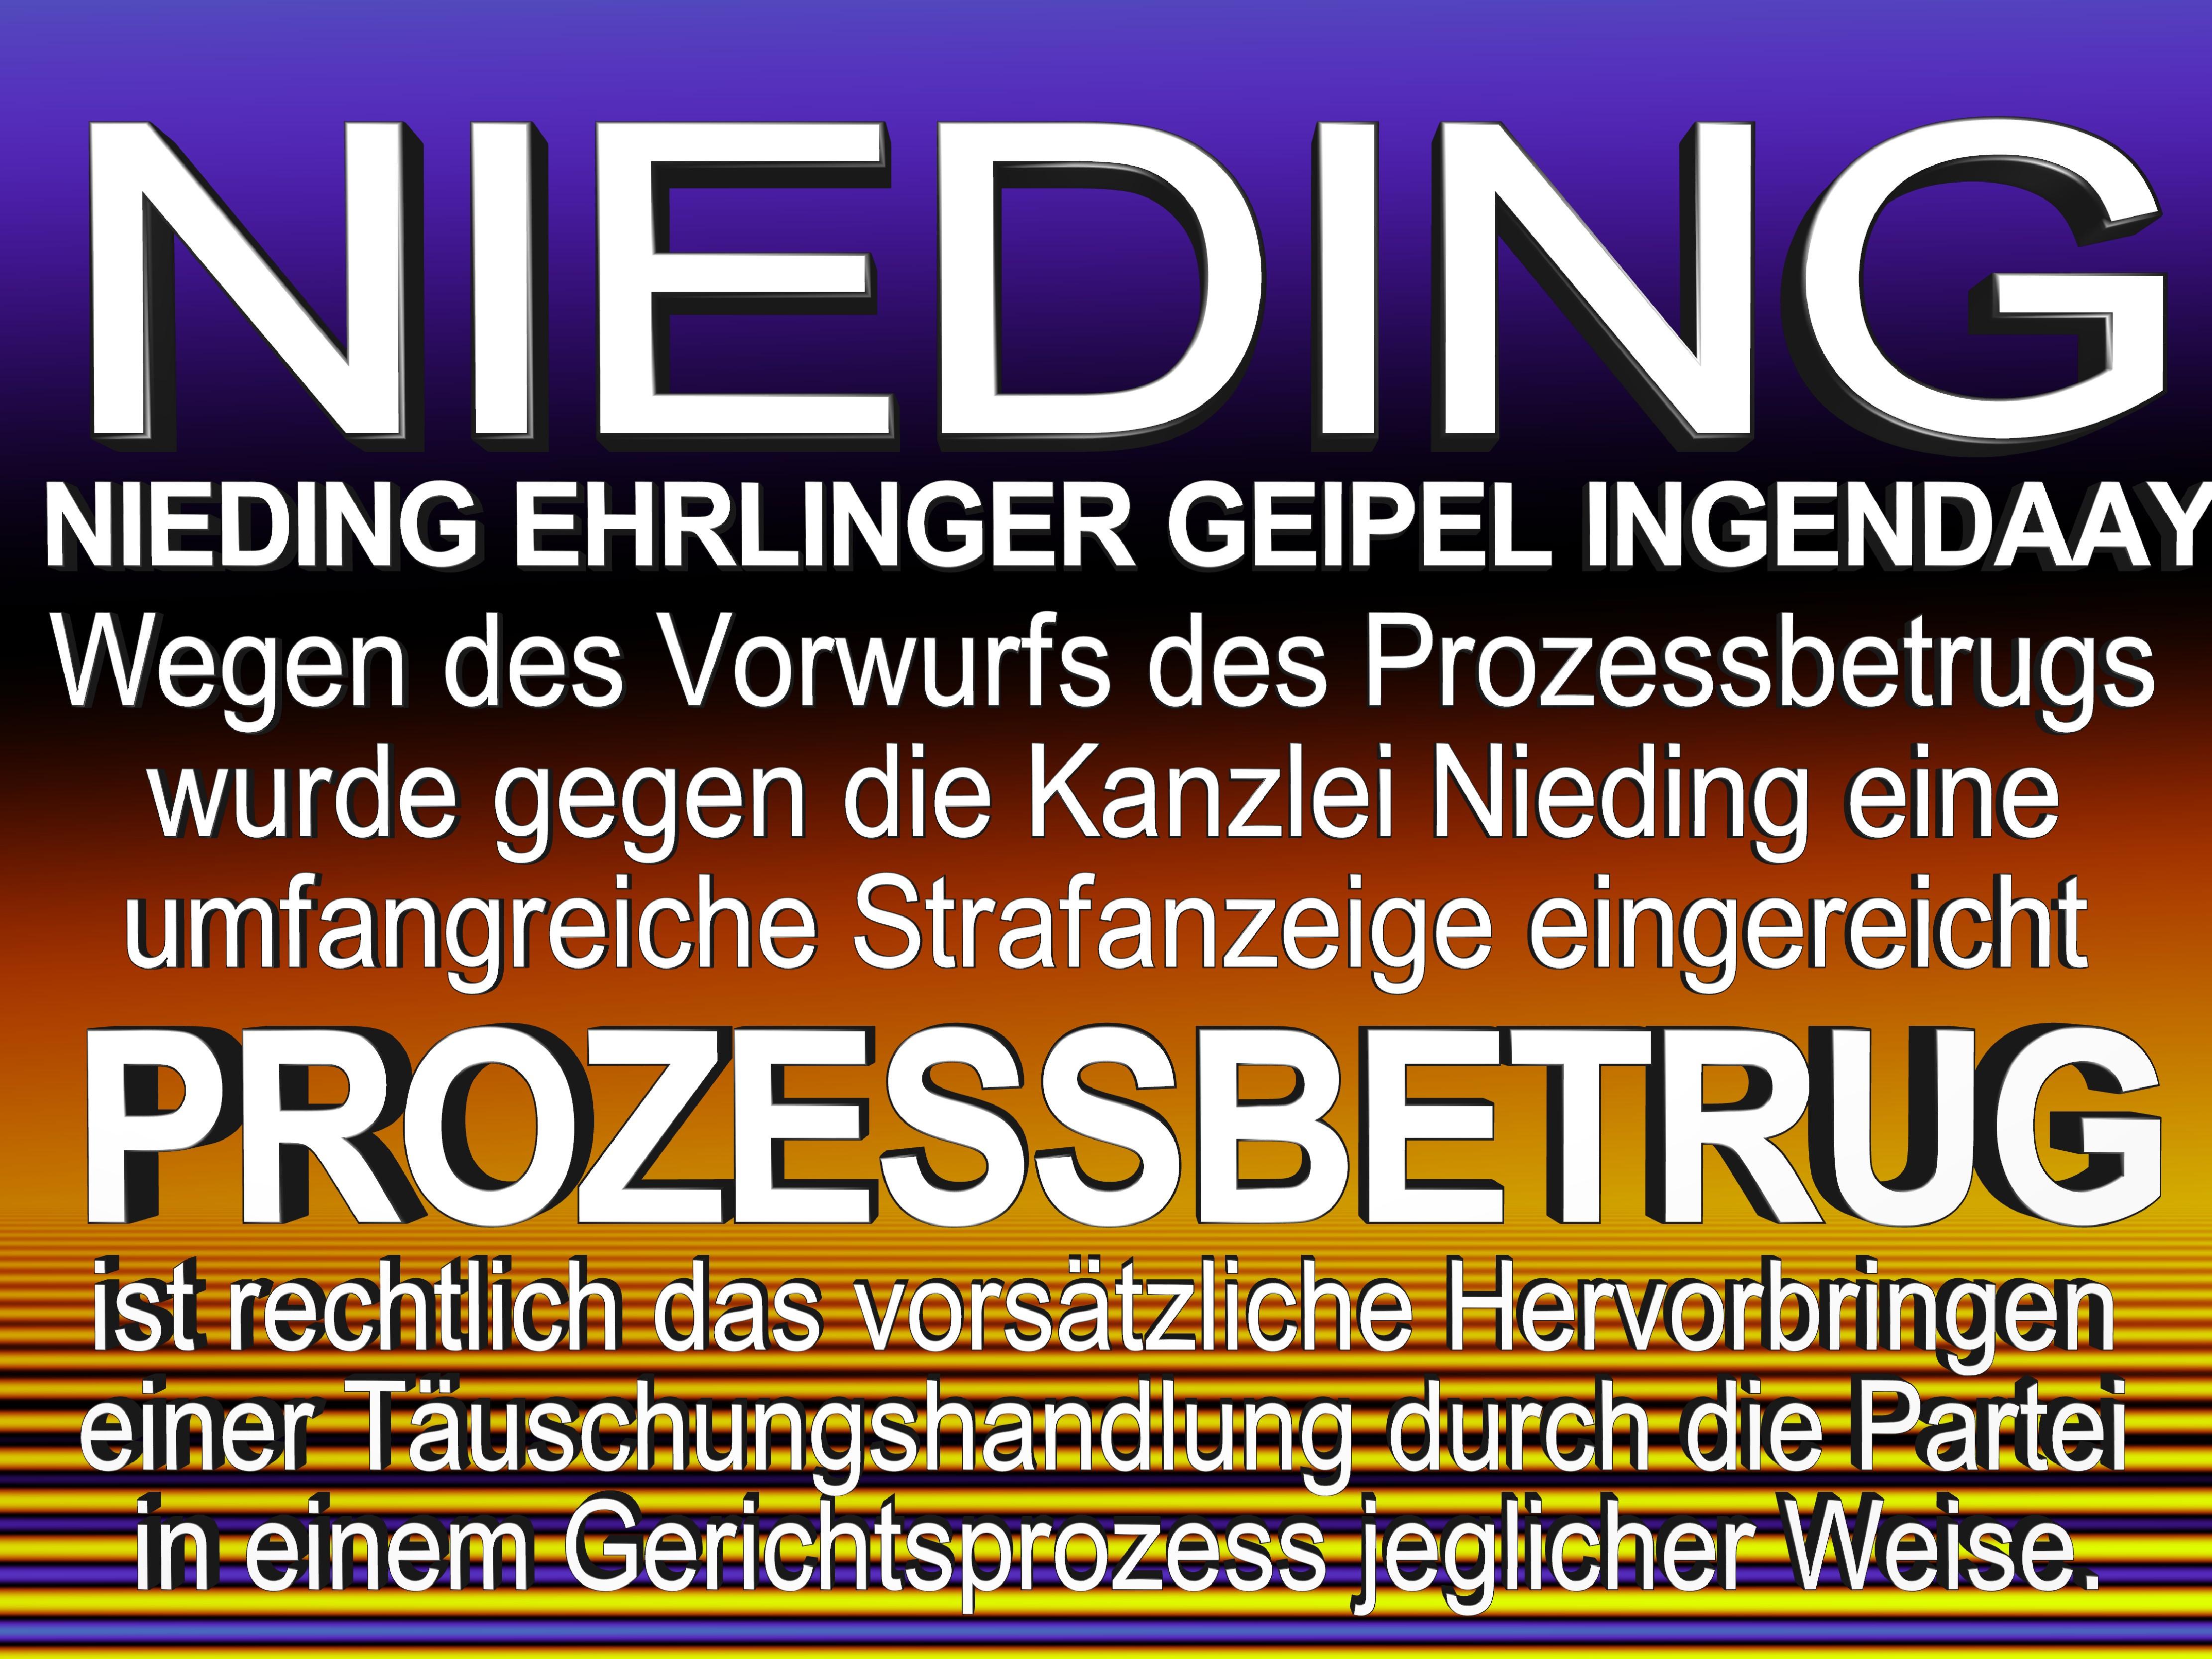 NIEDING EHRLINGER GEIPEL INGENDAAY LELKE Kurfürstendamm 66 Berlin (152)